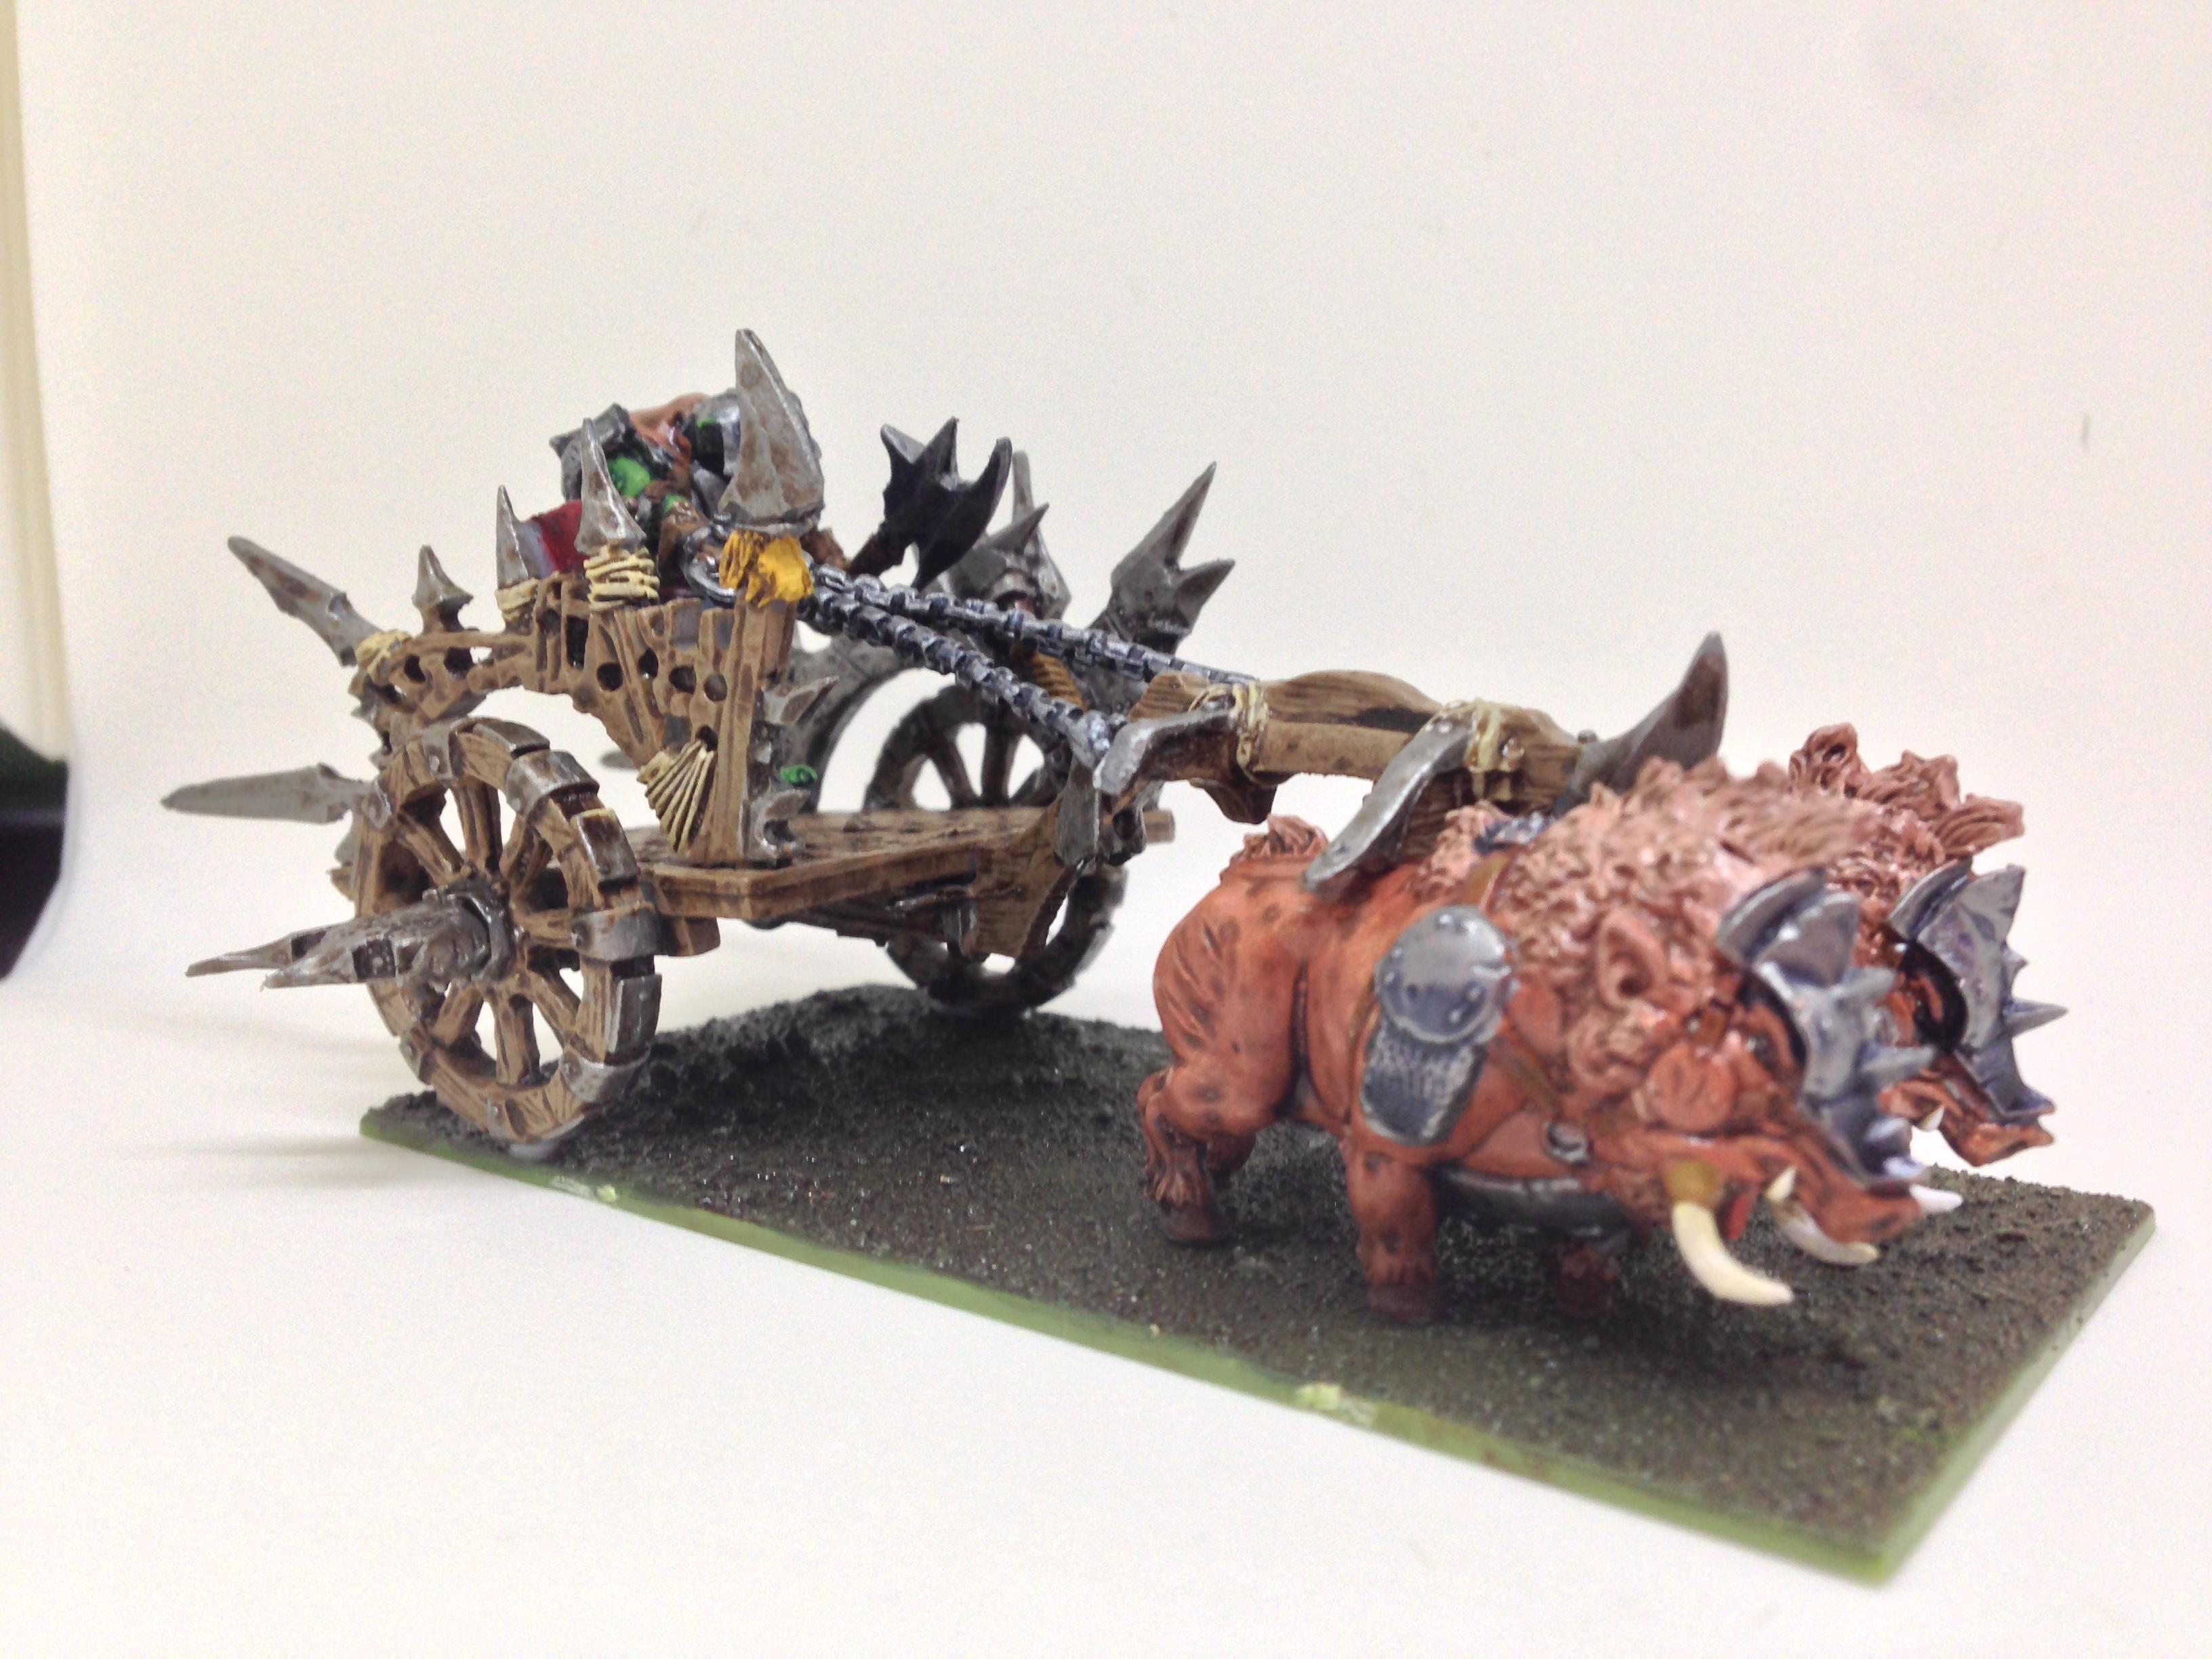 Chariot, Mantic, Orcs, Restic